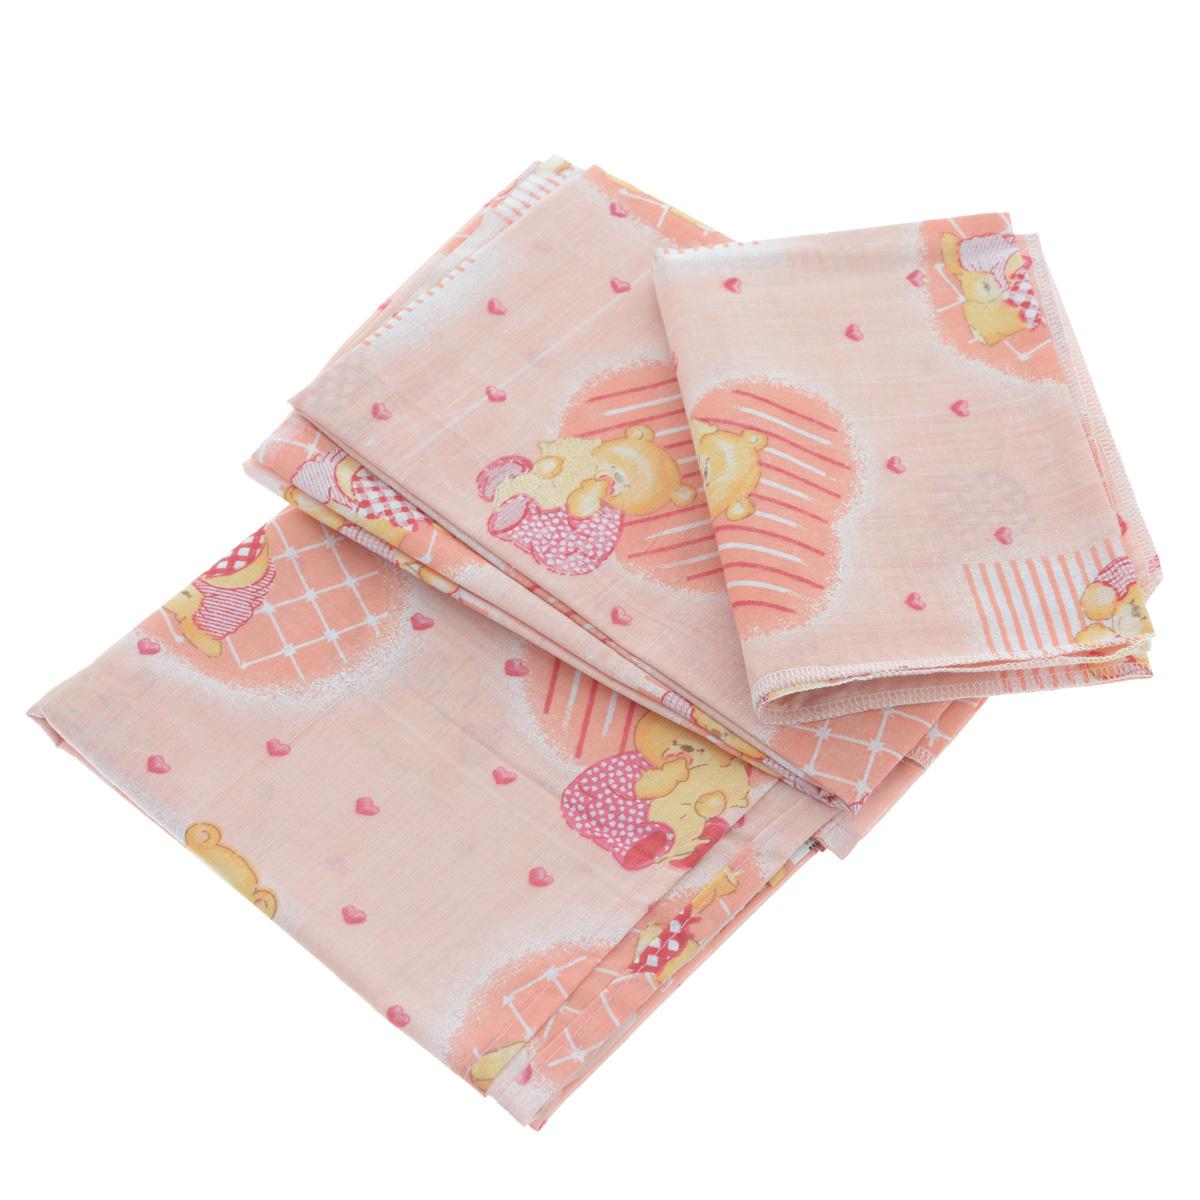 Комплект детского постельного белья Фея Мишки, цвет: розовый, 3 предмета5564-2Детский комплект постельного белья Фея Мишки состоит из наволочки, пододеяльника и простыни. Такой комплект идеально подойдет для кроватки вашего малыша и обеспечит ему здоровый сон. Он изготовлен из натурального 100% хлопка, дарящего малышу непревзойденную мягкость. Натуральный материал не раздражает даже самую нежную и чувствительную кожу ребенка, обеспечивая ему наибольший комфорт. Приятный рисунок комплекта, несомненно, понравится малышу и привлечет его внимание. На постельном белье Фея Мишки ваша кроха будет спать здоровым и крепким сном. Размер простыни: 100 см х 160 см. Размер наволочки: 40 см х 60 см. Размер пододеяльника: 110 см х 140 см. УВАЖАЕМЫЕ КЛИЕНТЫ! Обращаем ваше внимание на возможные изменения в дизайне, связанные с ассортиментом продукции: рисунок может отличаться от представленного на изображении.